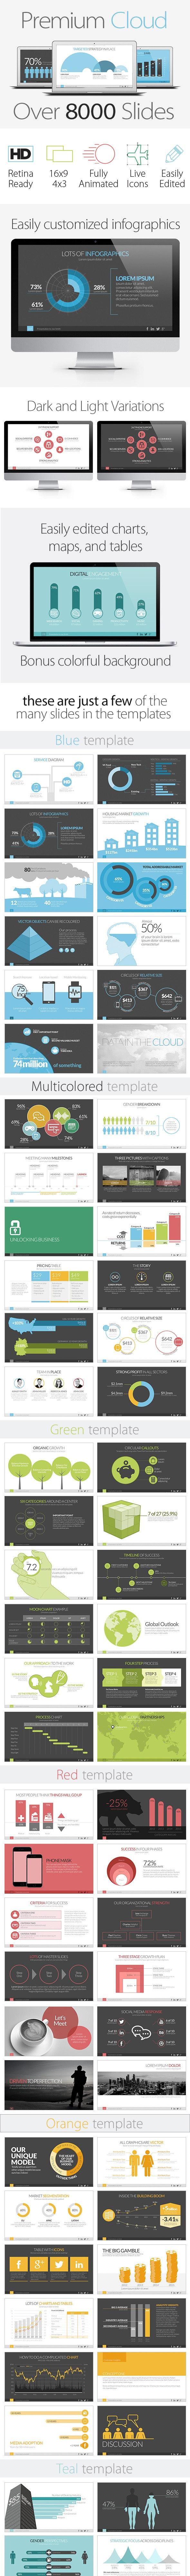 Premium Cloud - Business PowerPoint Templates